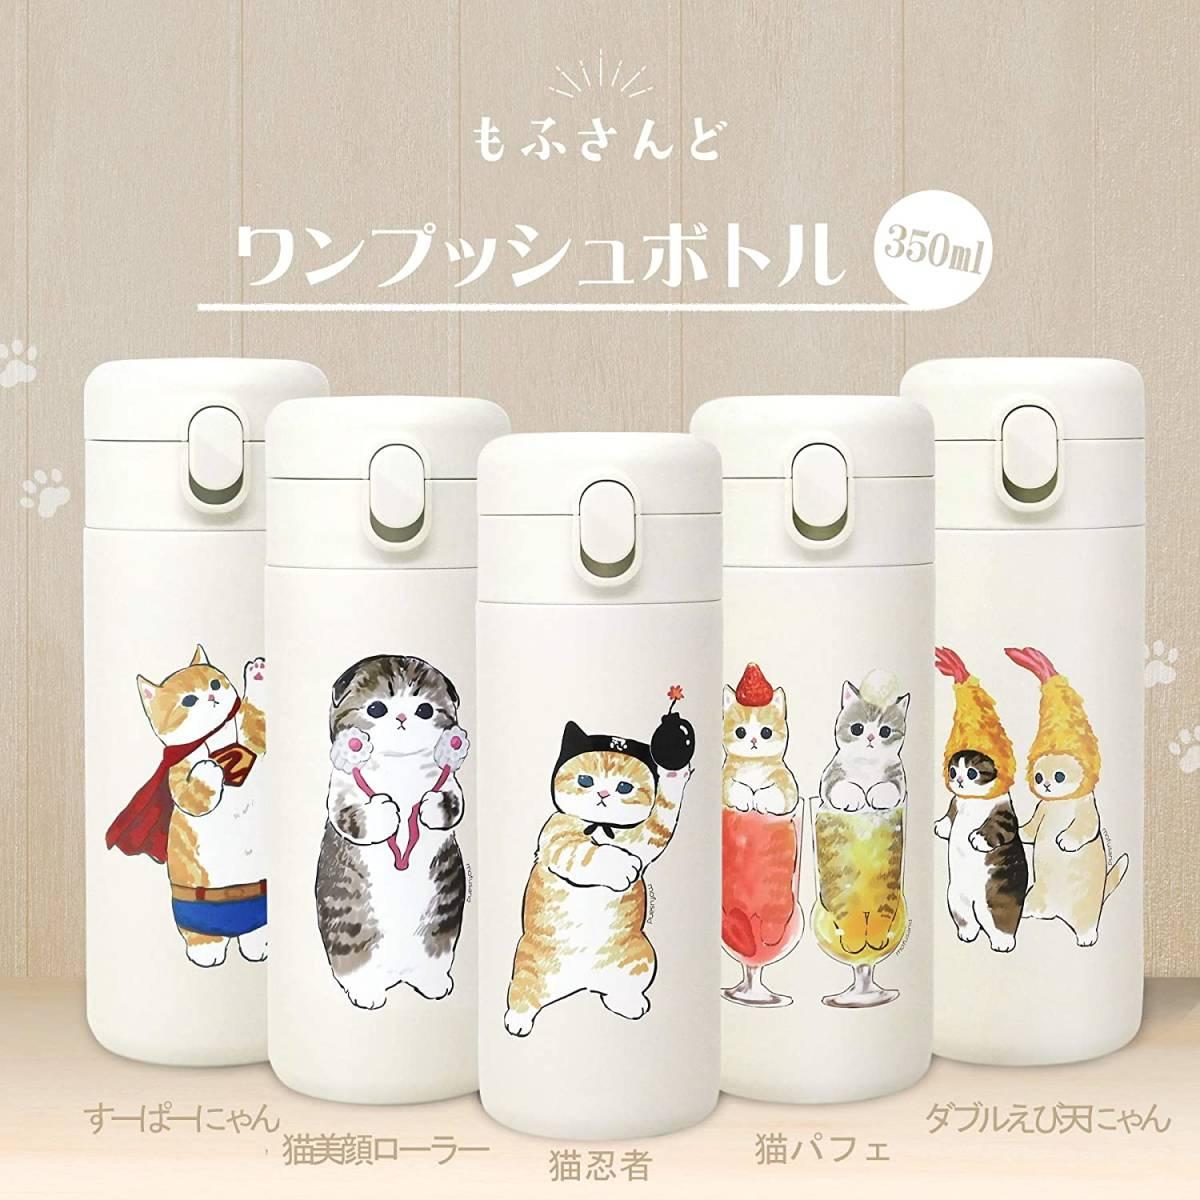 水筒 直飲み 350ml ワンプッシュボトル 保温 保冷 かわいい 猫美顔ローラー ホワイト ステンレスボトル オールシーズン